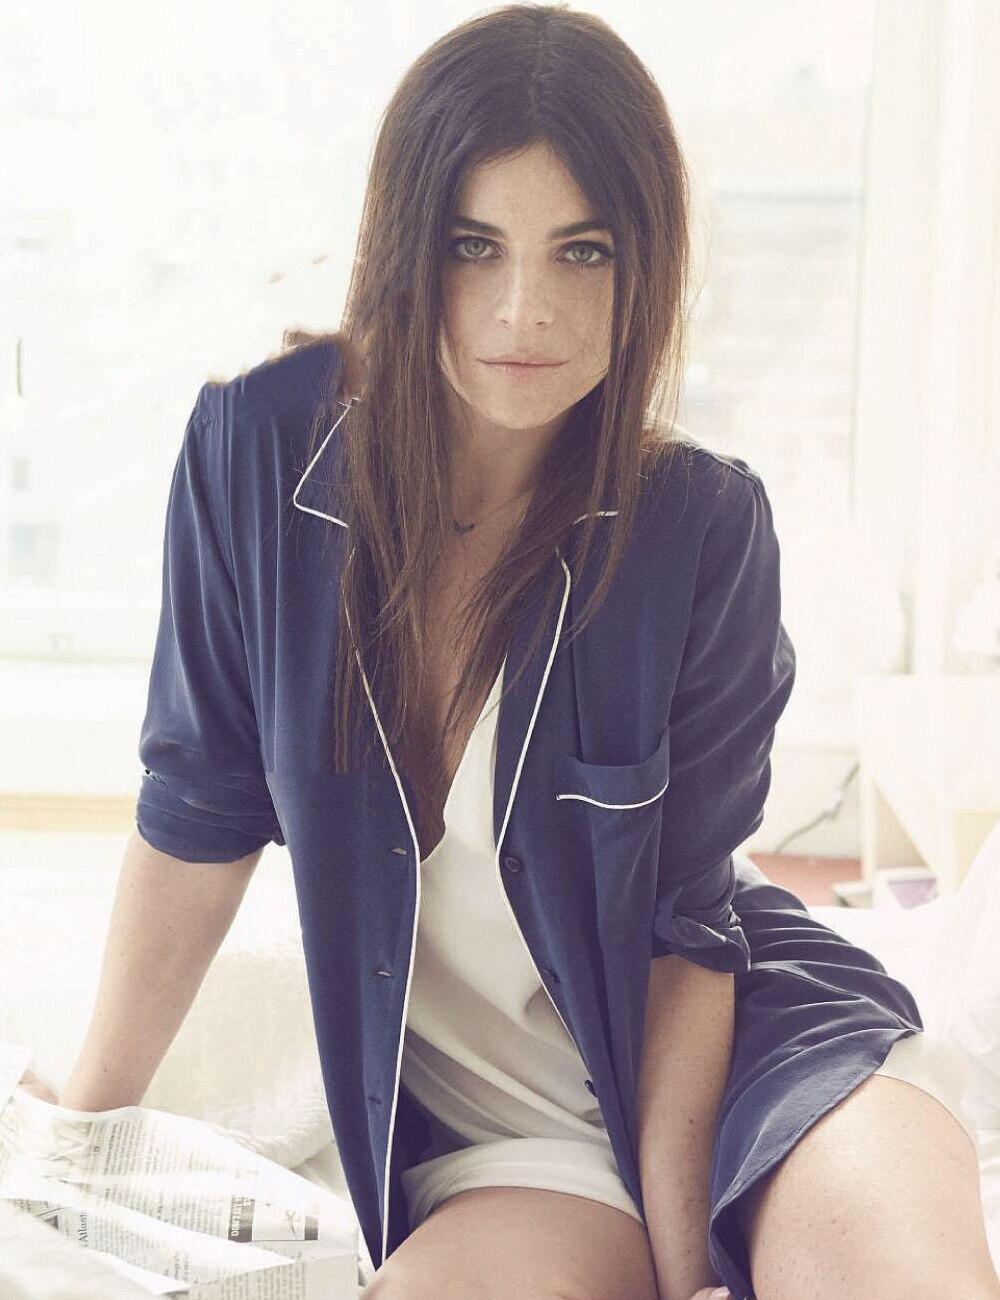 Femmes Chemise À Blue Manches Col Keira Soie Blouse Black Style Elisa Pyjama Top 100 dark De Longues gwBzavqXnw